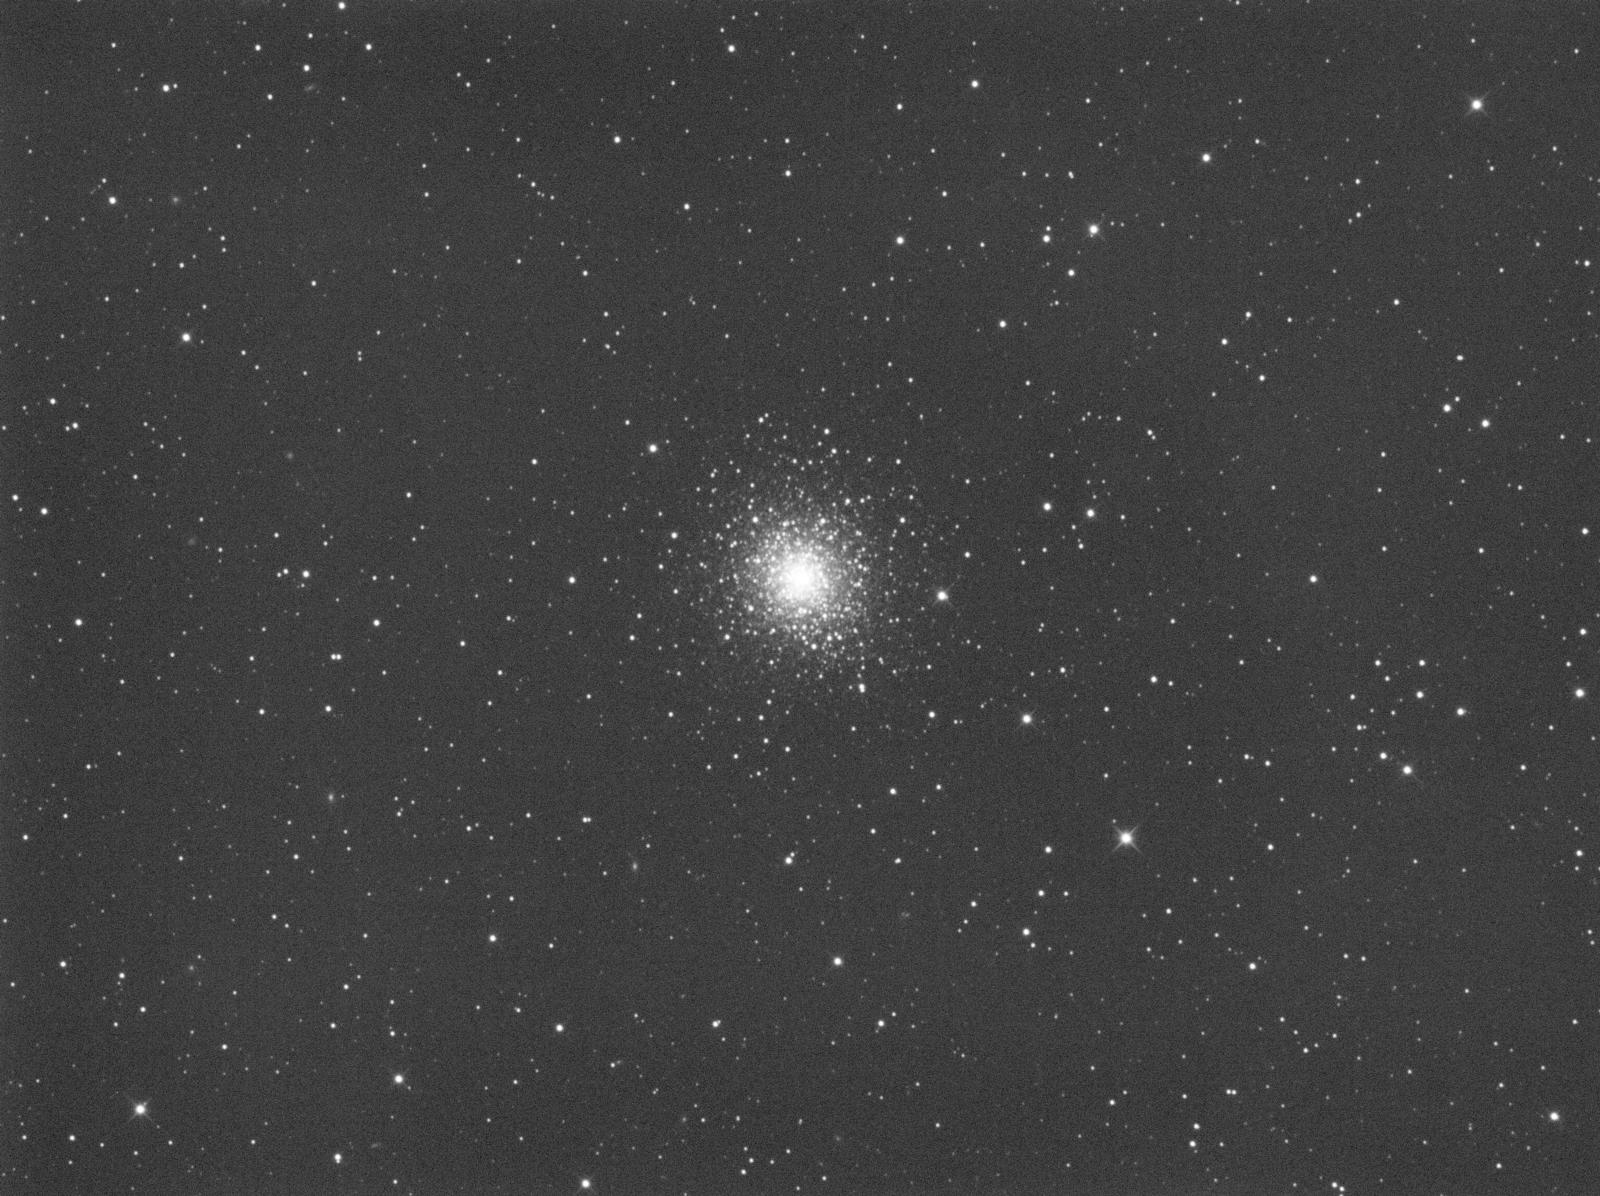 74359101_Messier92.png.d1b03709958120d5f705ad4f6a31a454.png